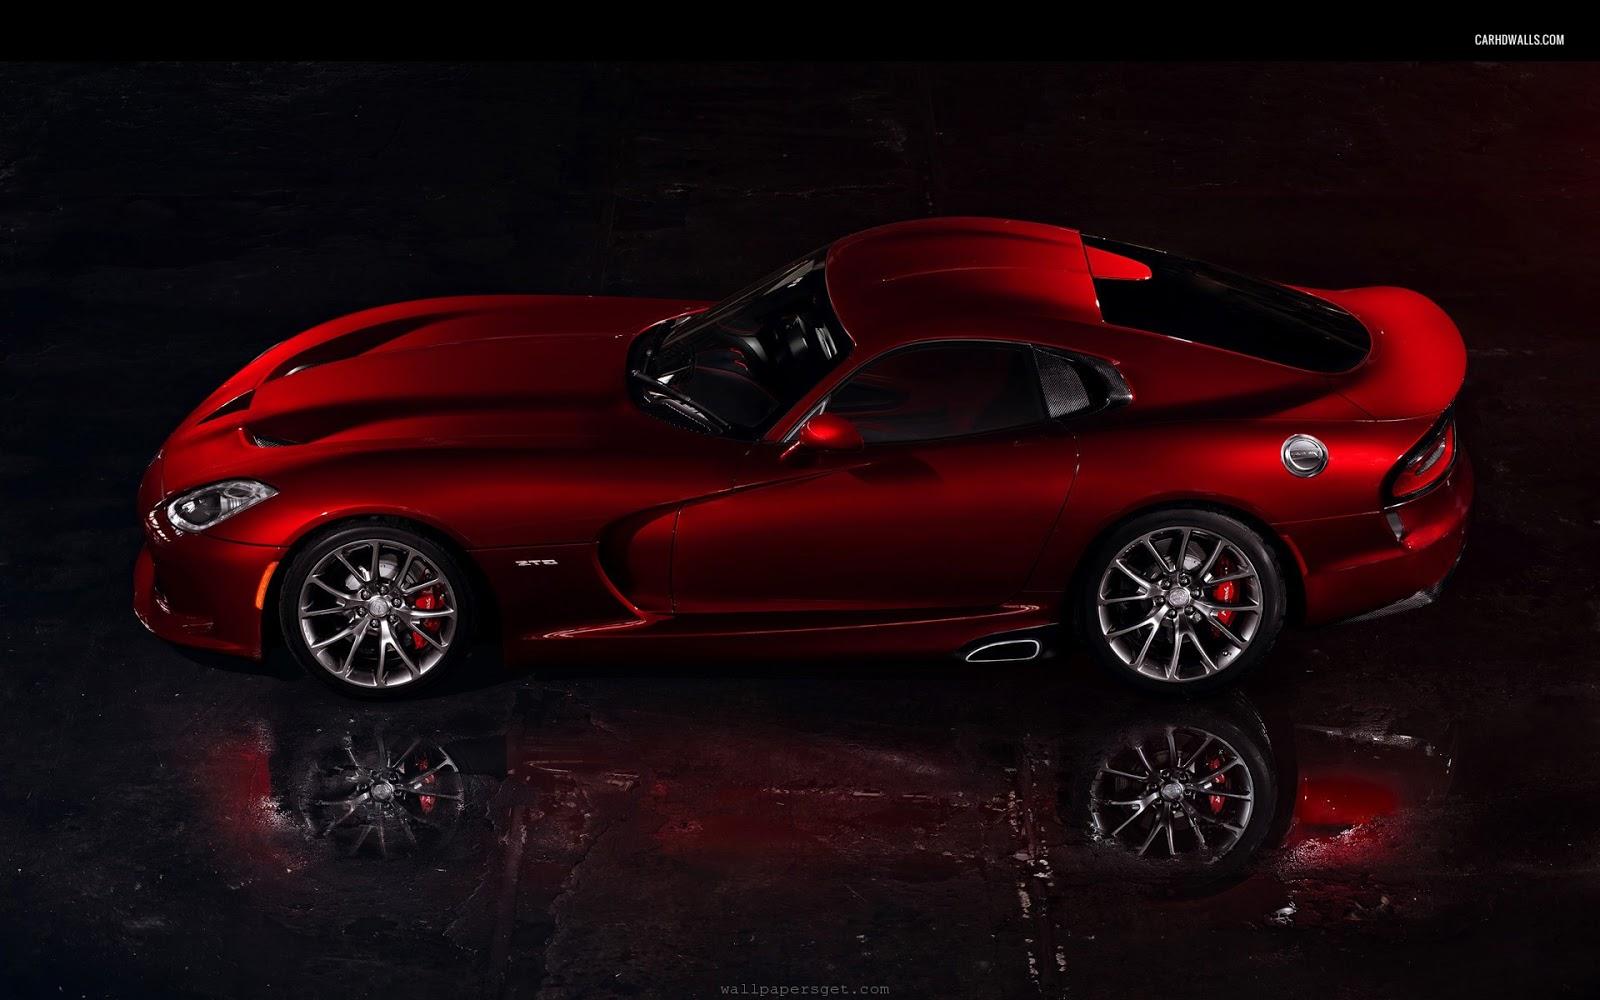 Dodge Viper 2013 Wallpaper Hd